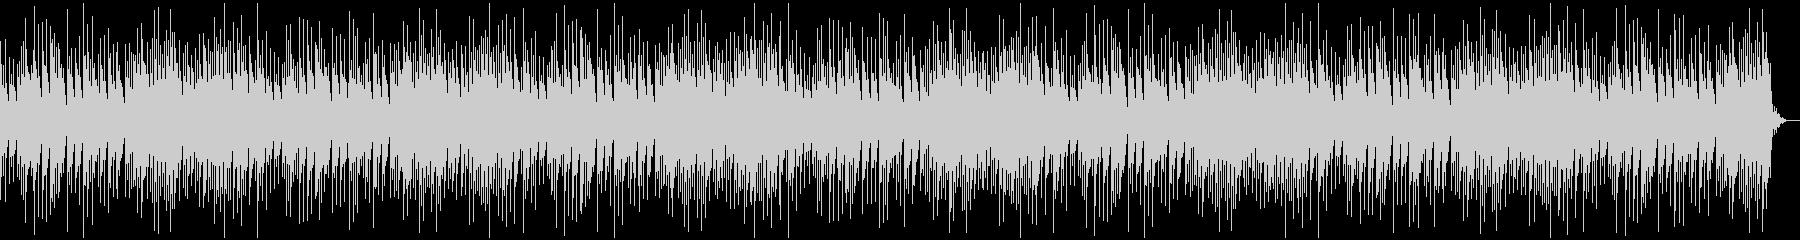 センチメンタルでゆったりしたオルゴール曲の未再生の波形